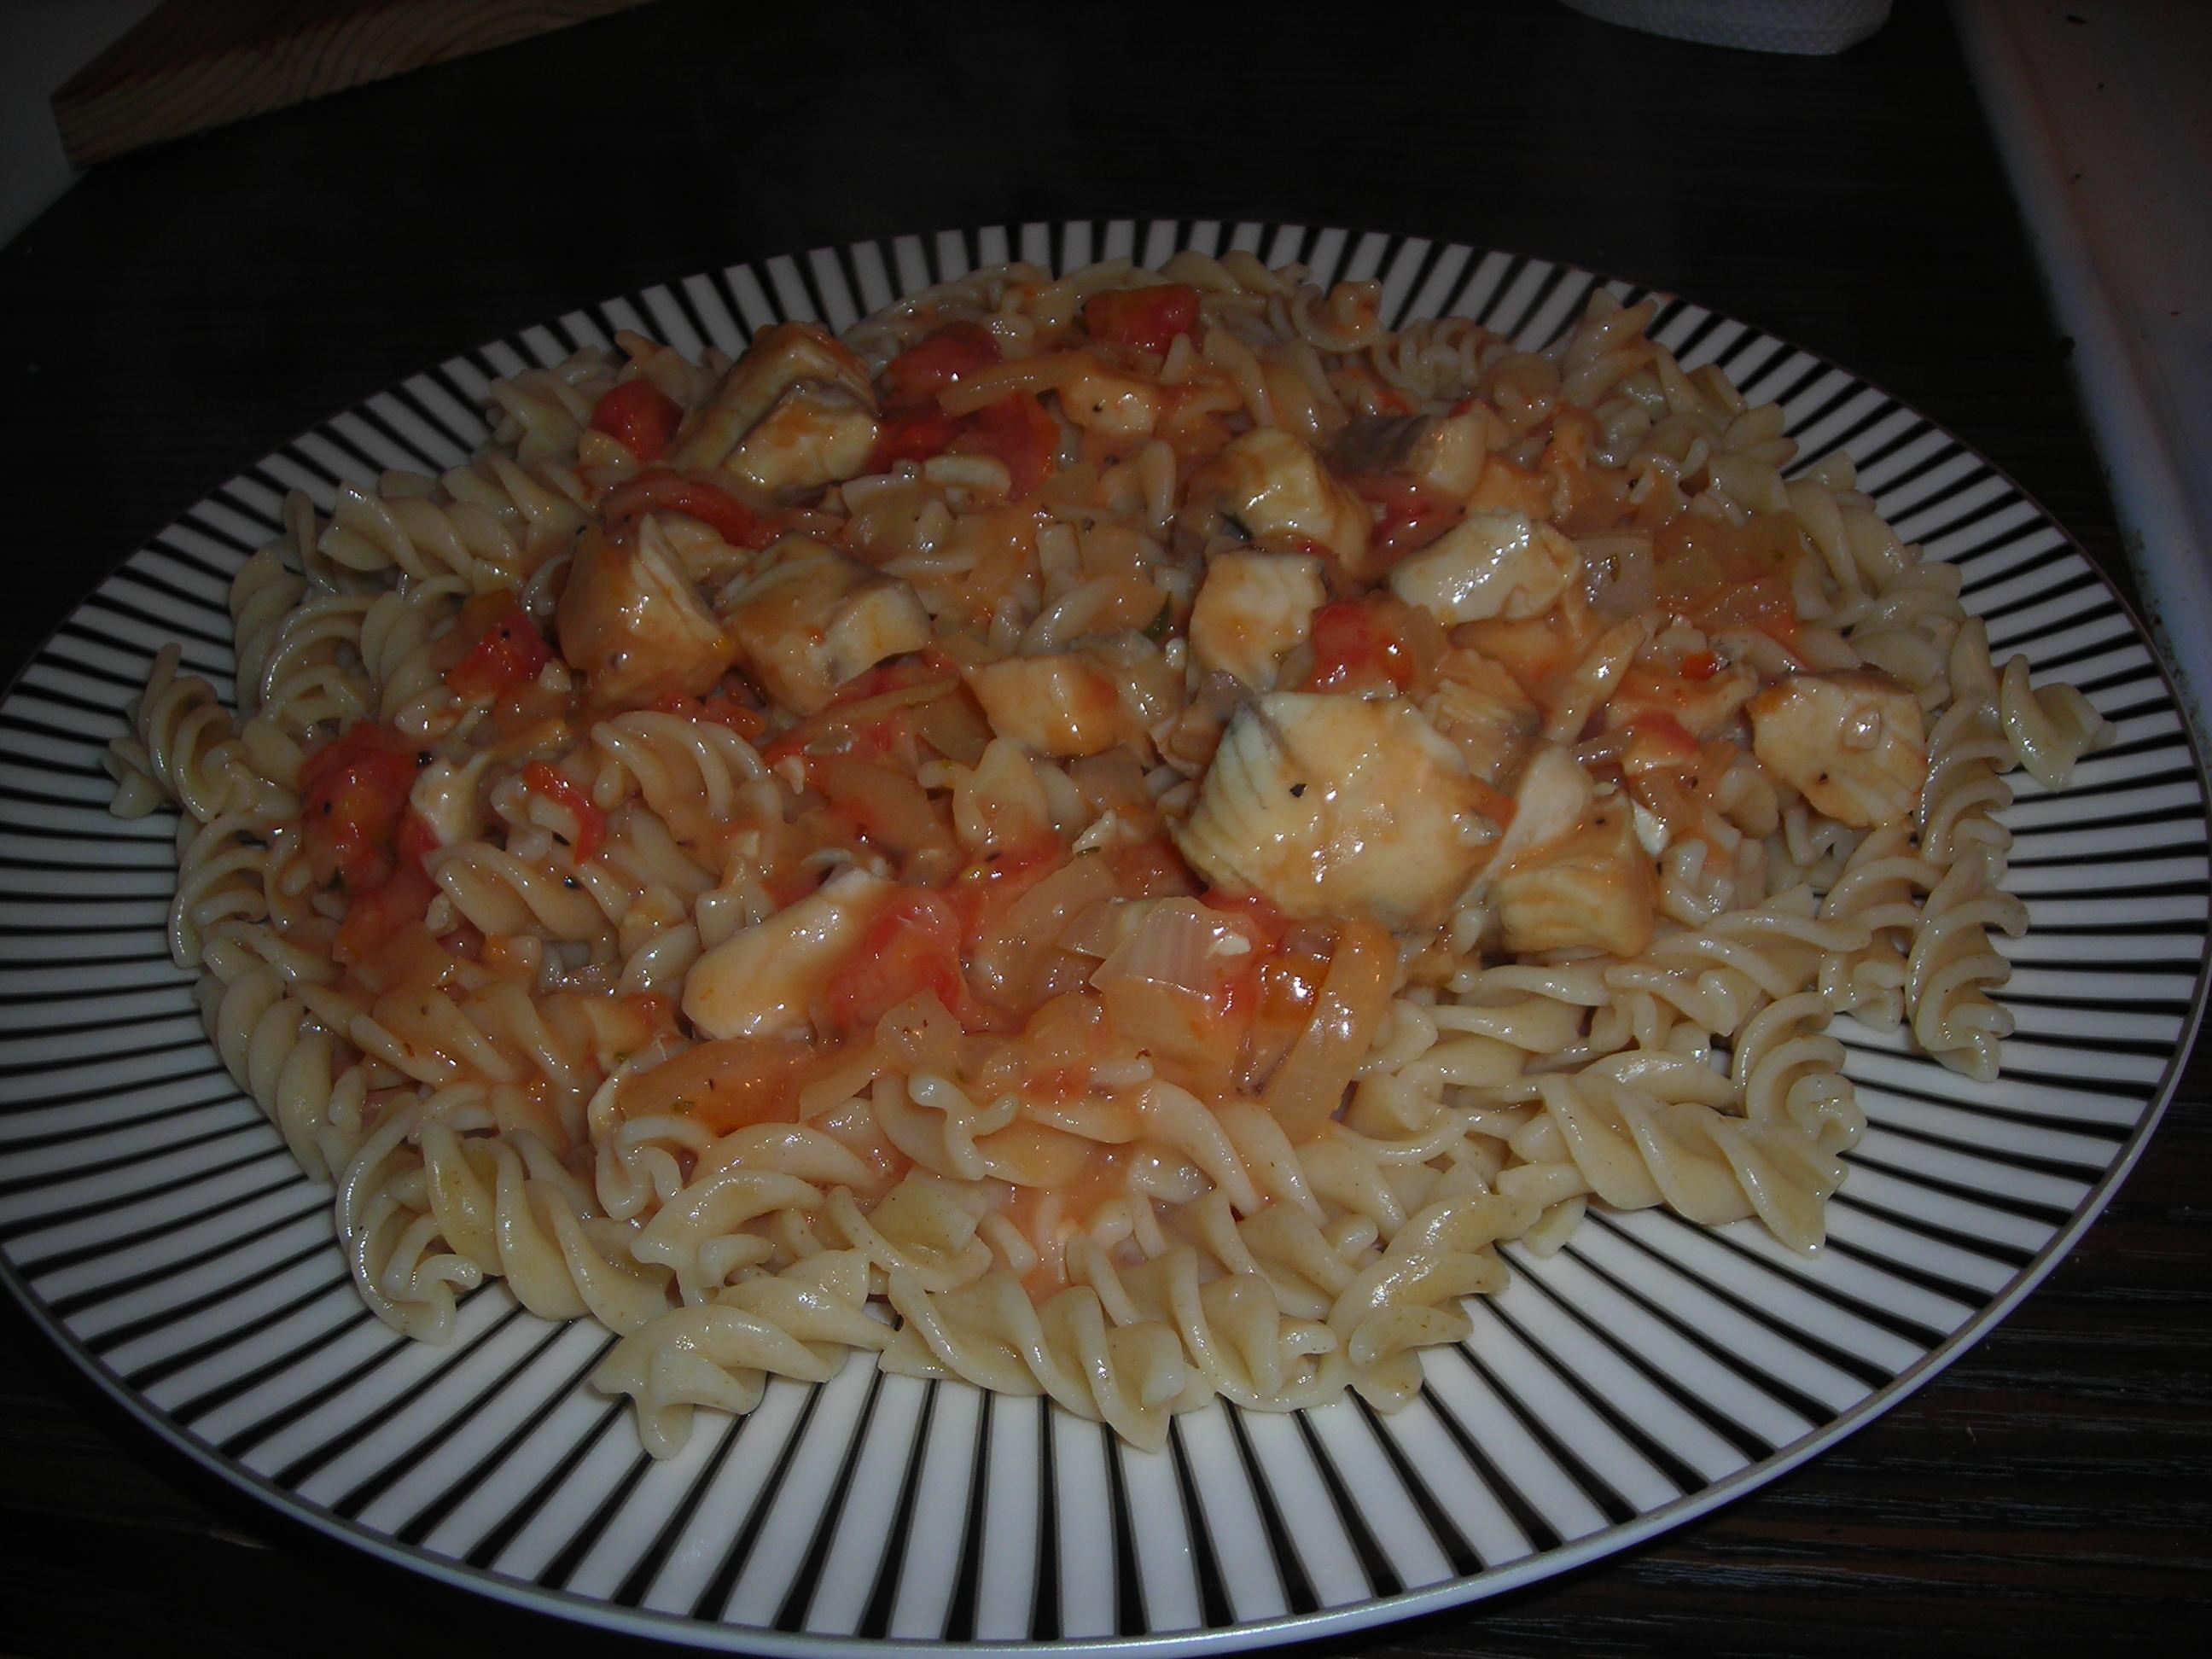 Torsk i pastaså..